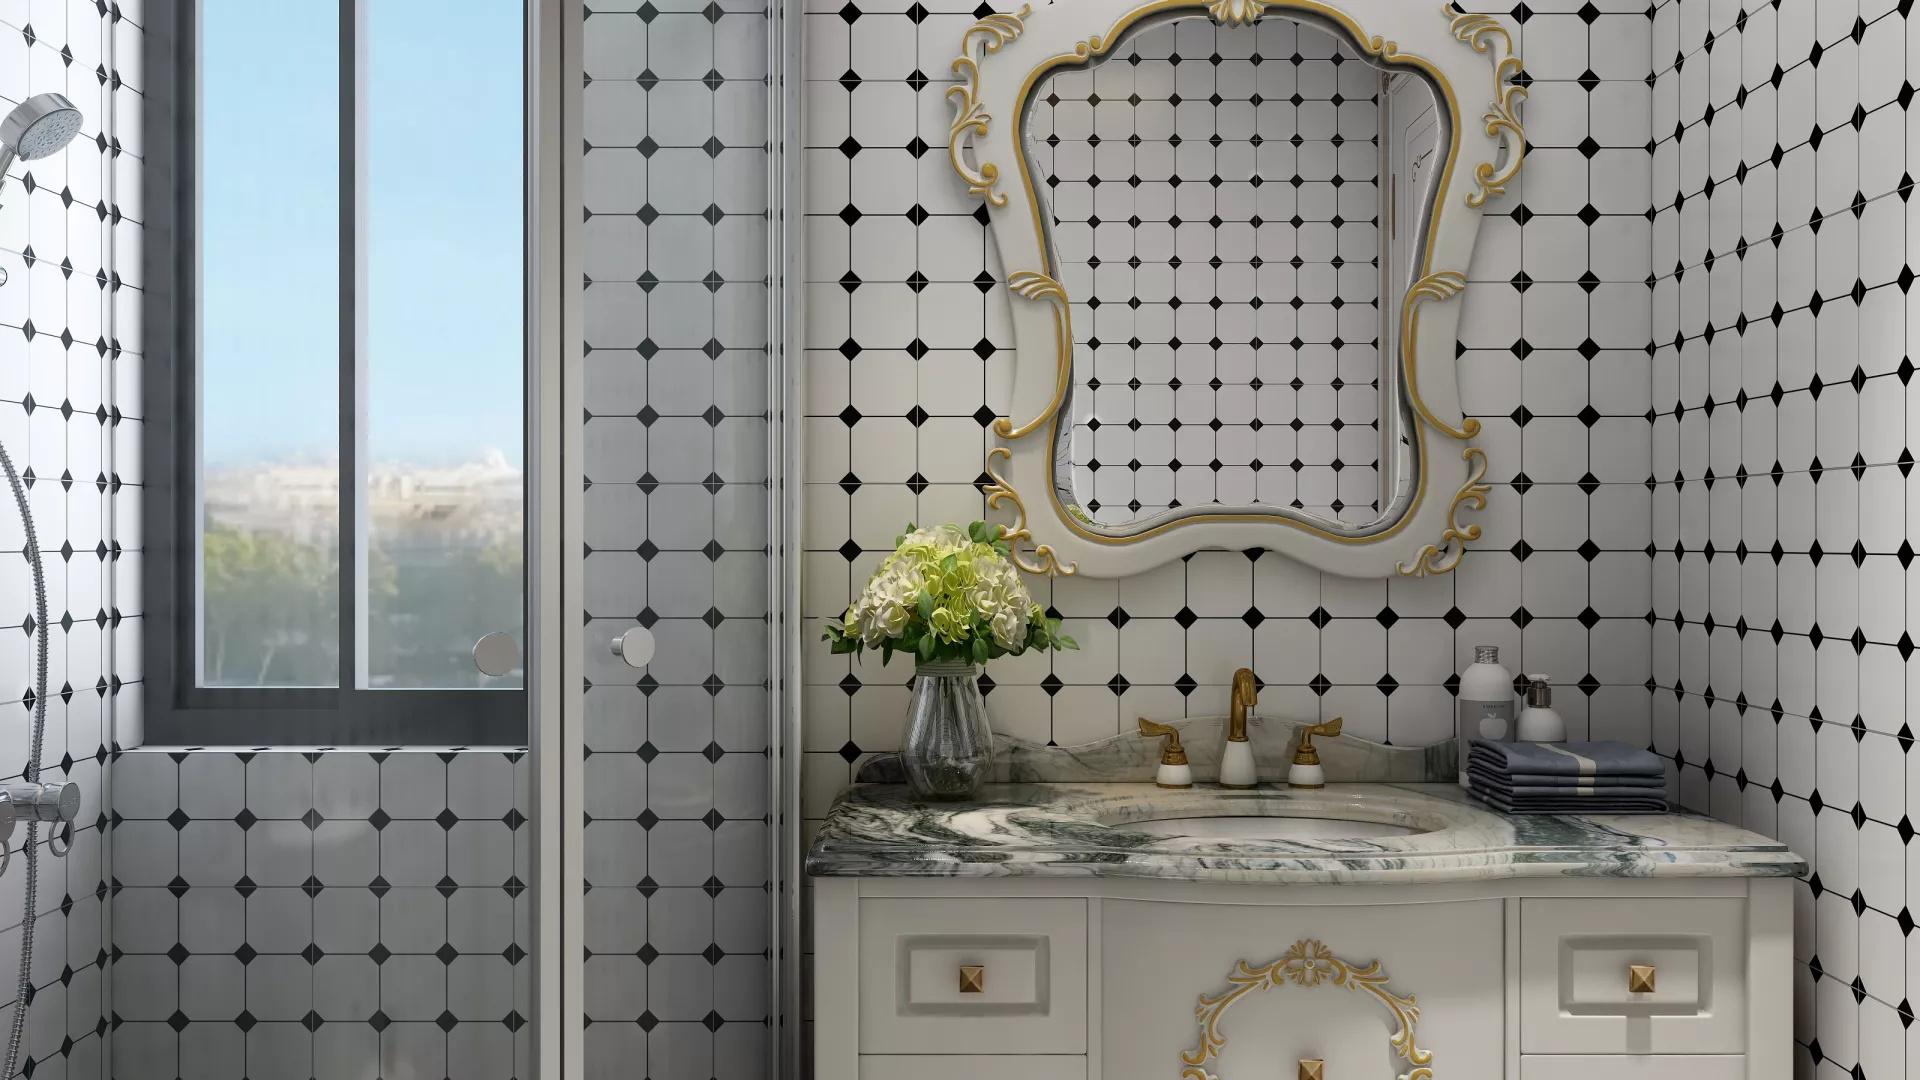 卫生间装修要注意什么 卫生间装修知识